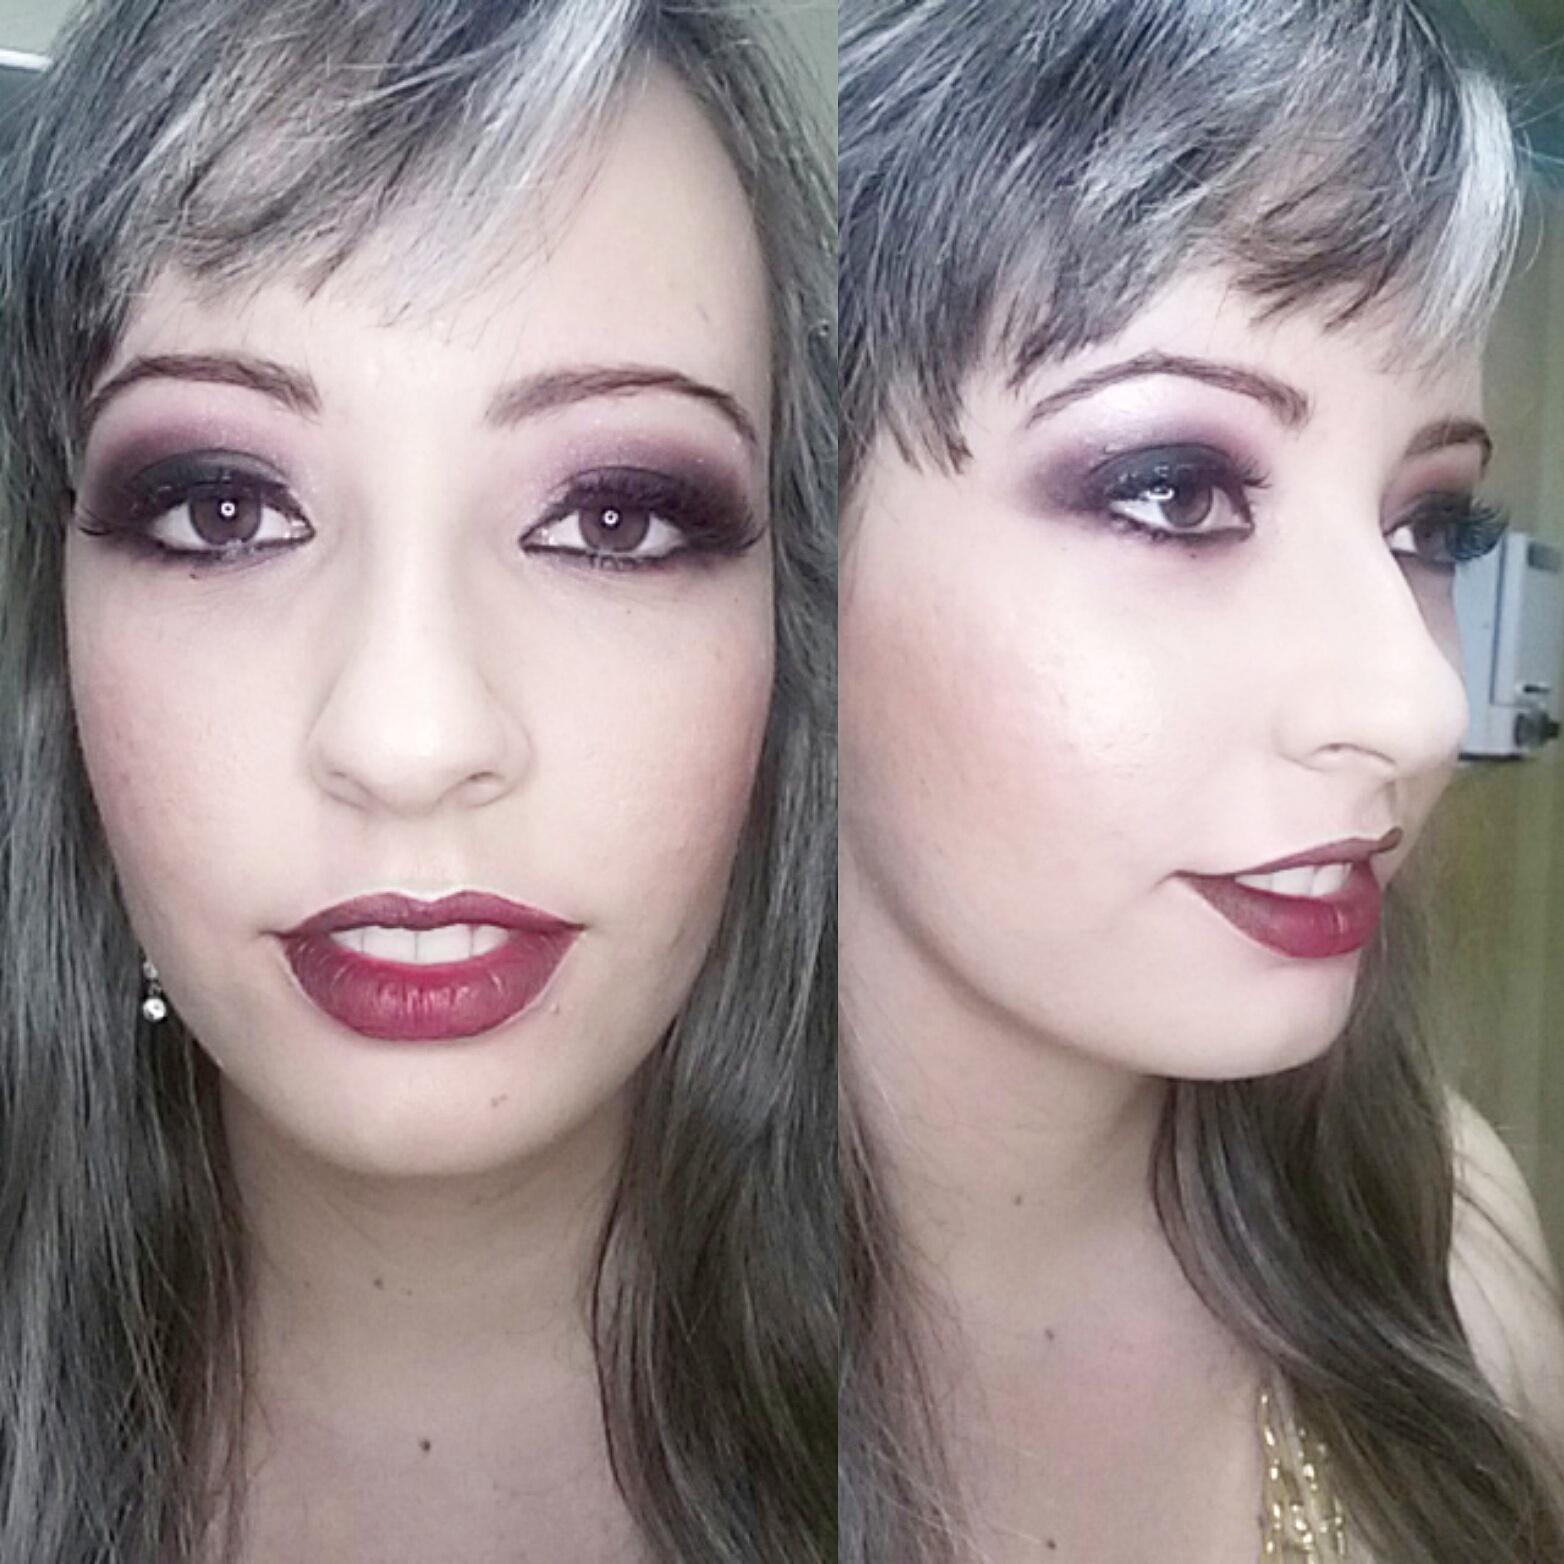 Uma maquiagem poderosa para a Kátia, madrinha de casamento que queria arrasar !! maquiagem maquiador(a)